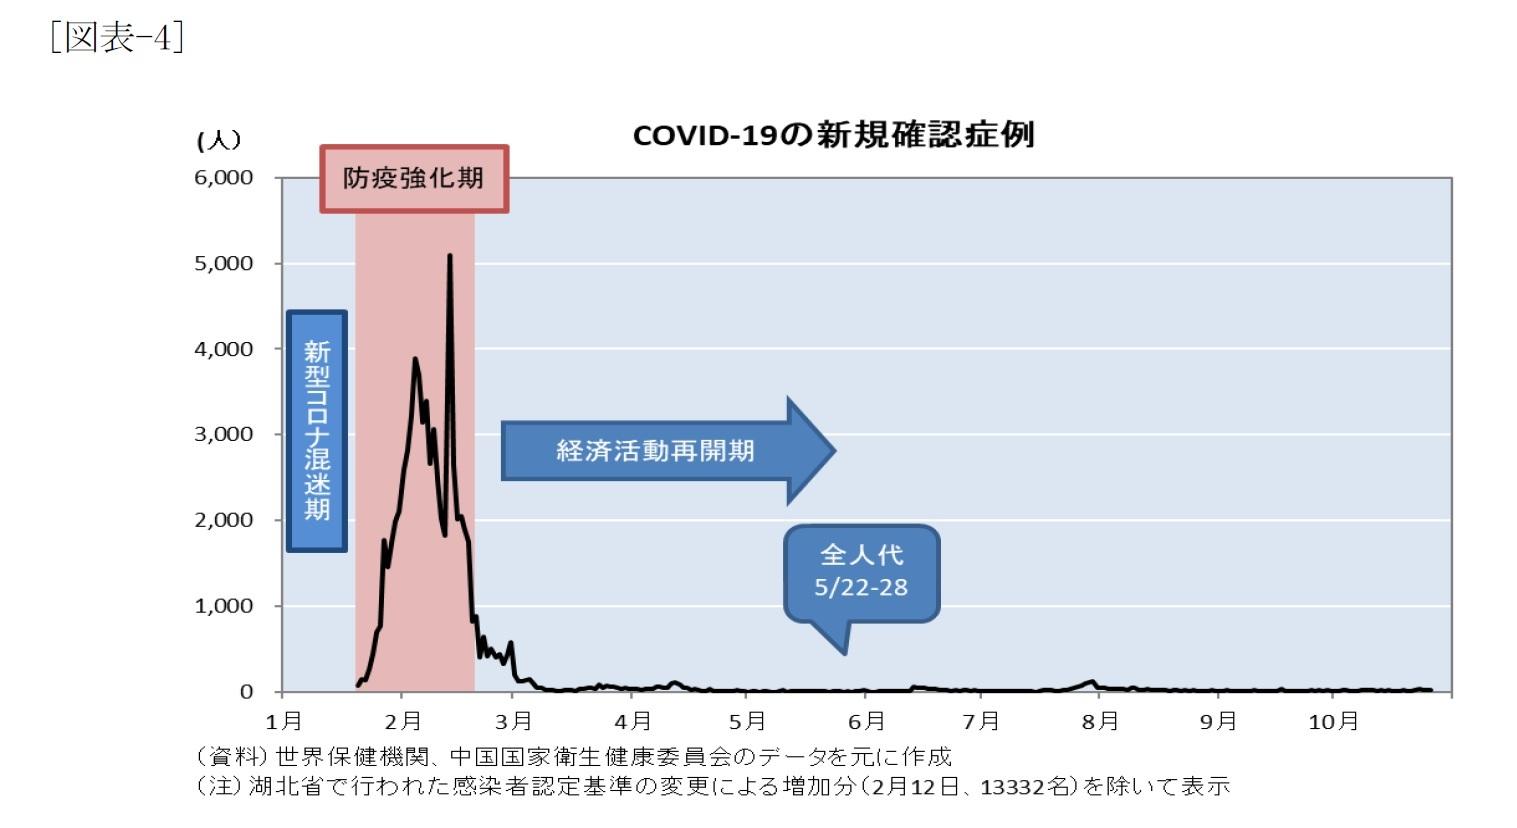 [図表-4]COVID-19の新規確認症例